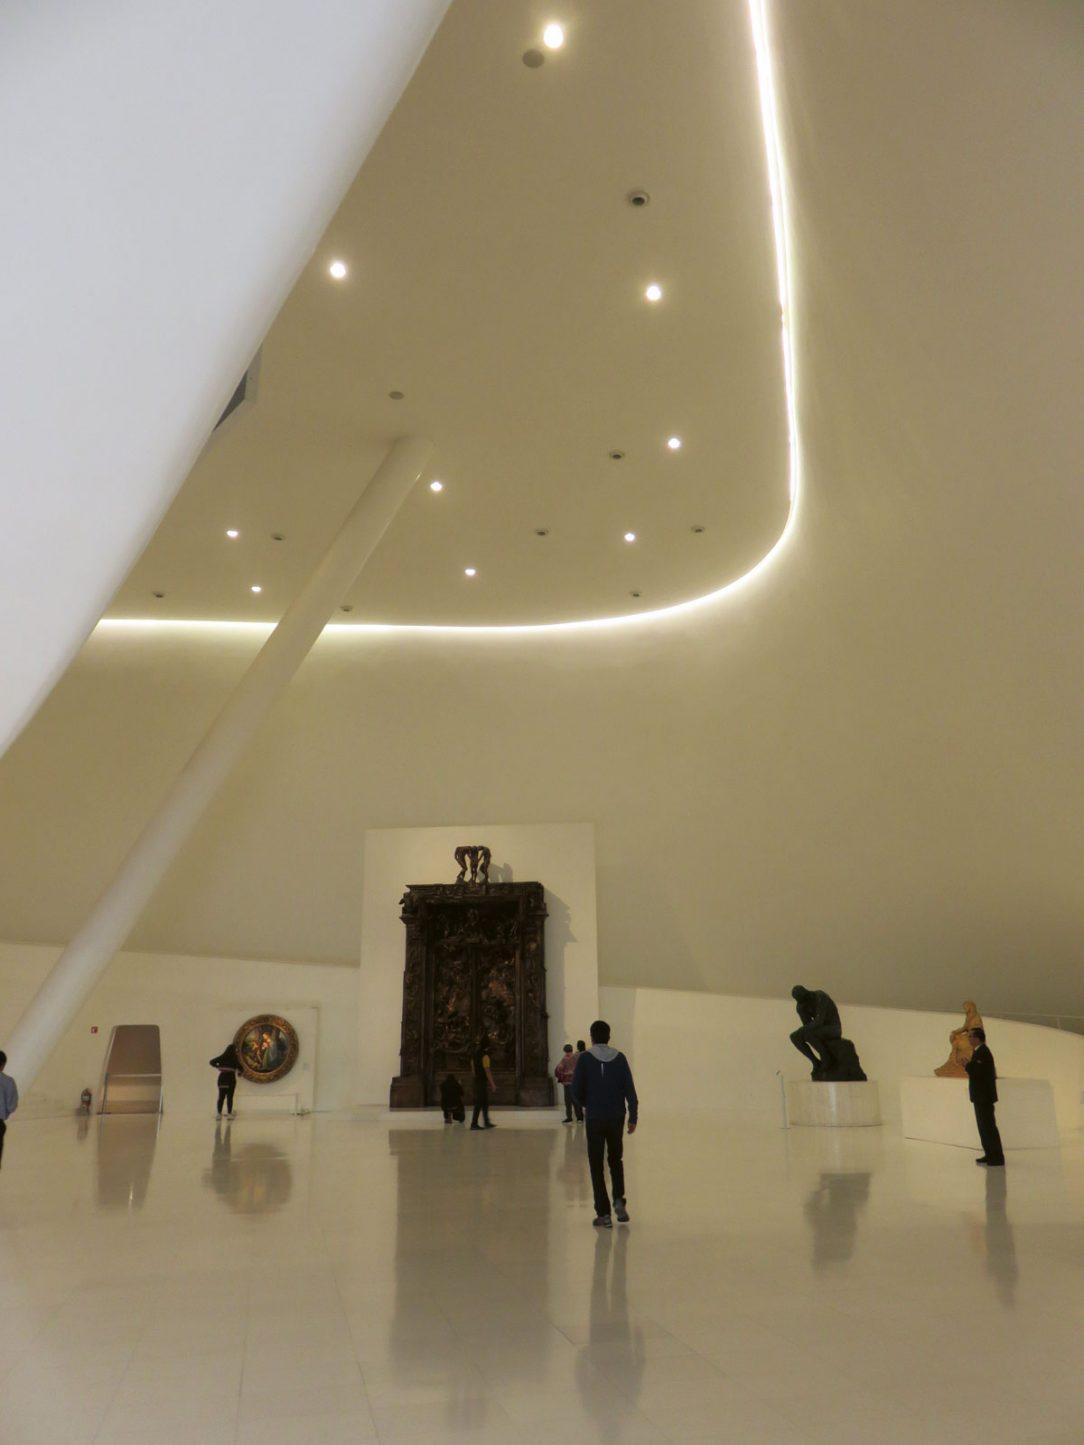 Monumentálna vstupná hala Museo Soumaya je vysoká cez niekoľko podlaží.